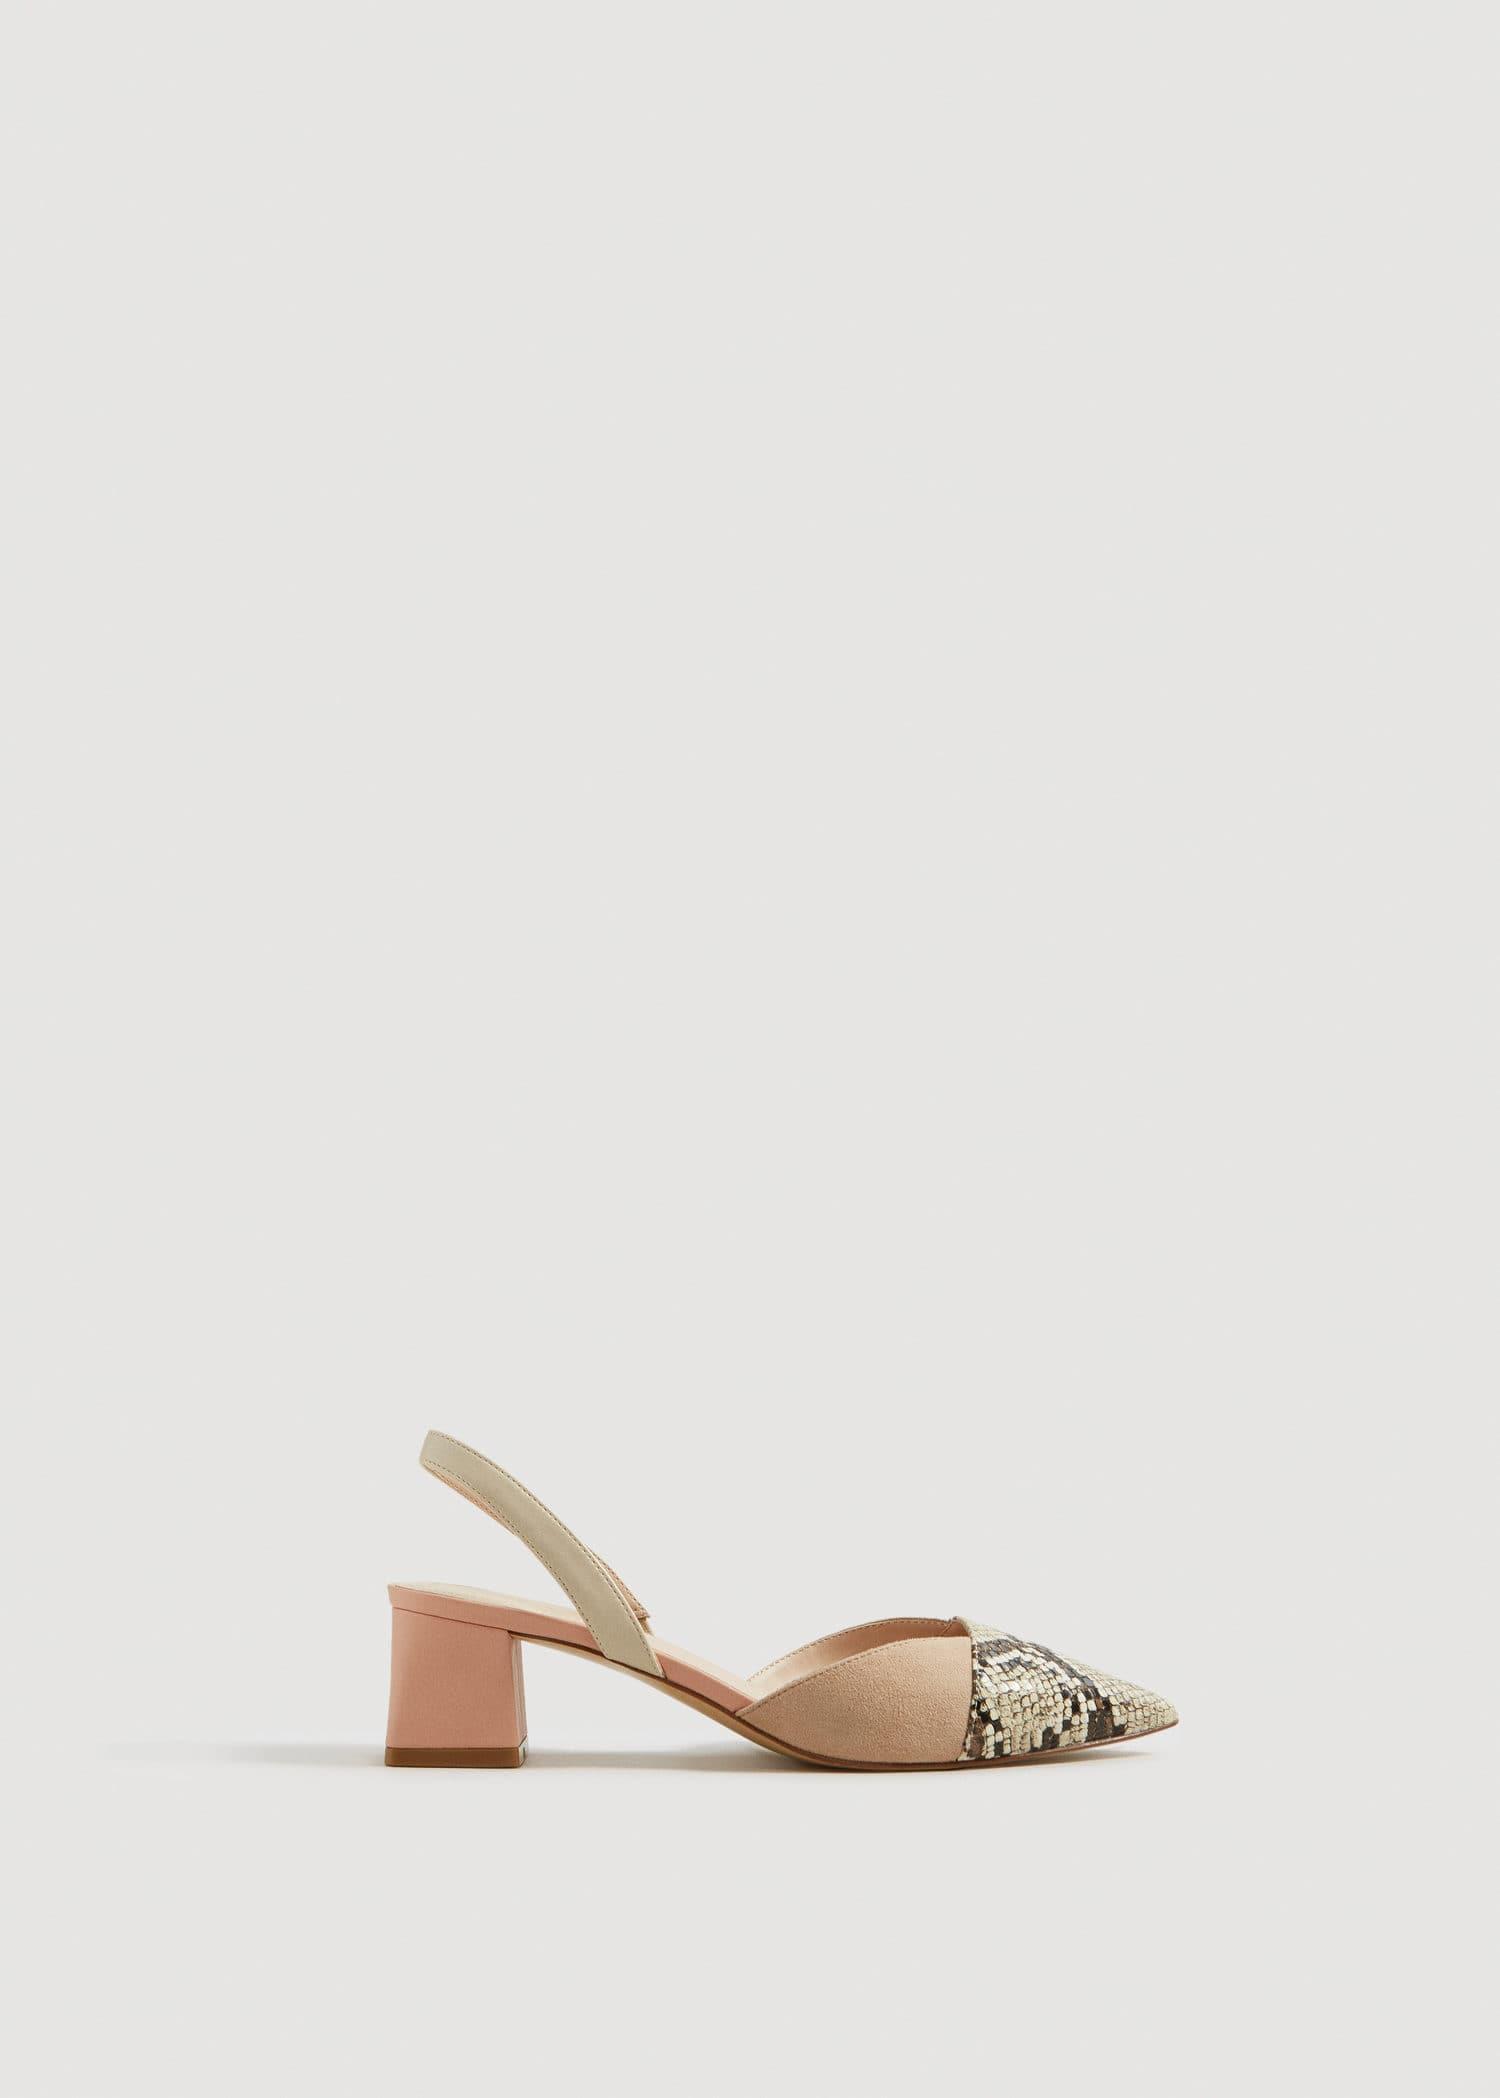 6a28c59ca67b4b Femme À Côte Mango L'arrière D'ivoire Chaussures Ouvertes Combinées xqn7HEI